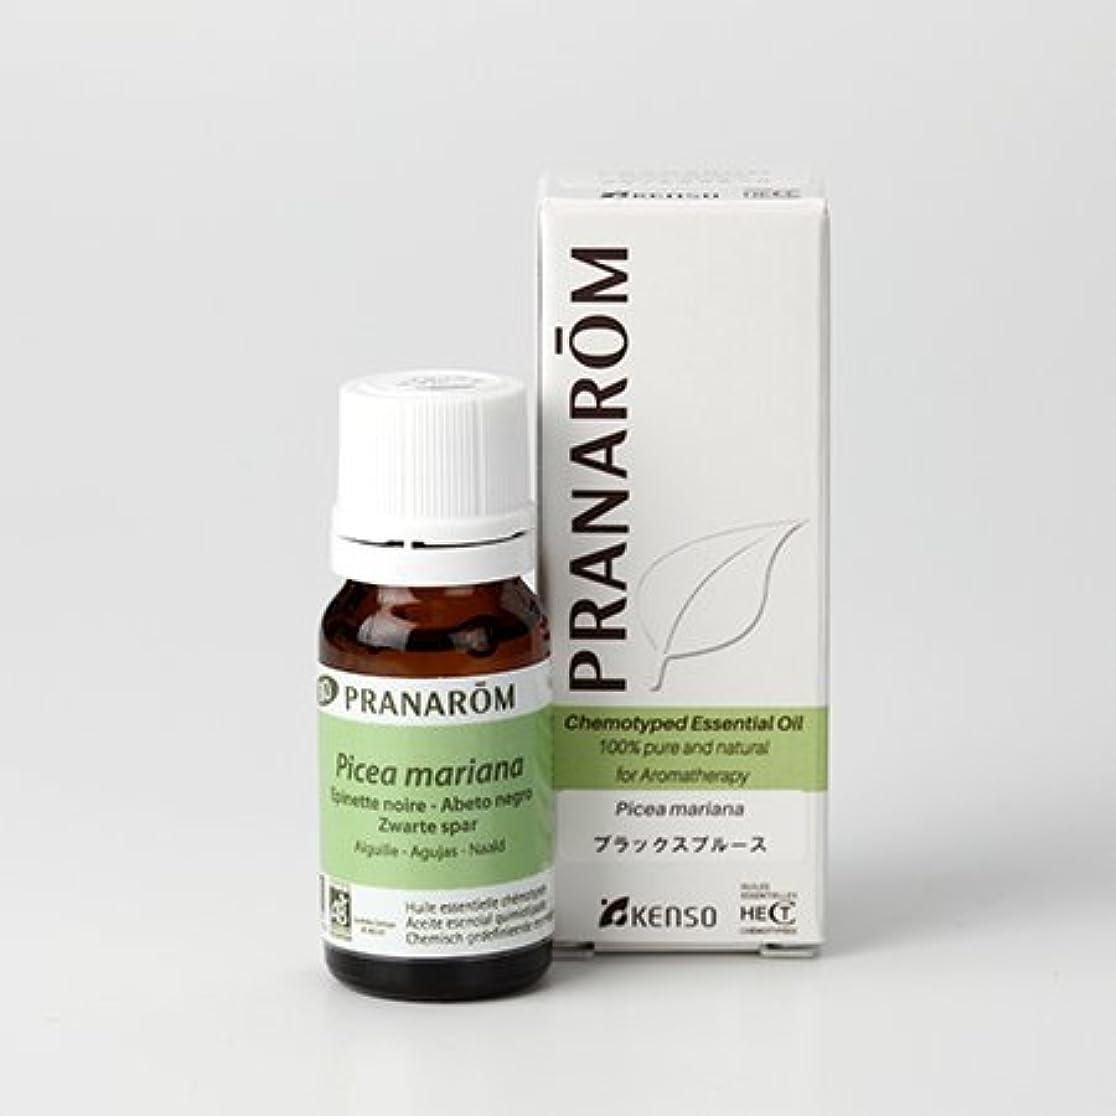 プットポップ出血プラナロム ( PRANAROM ) 精油 ブラックスプルース 10ml p-146